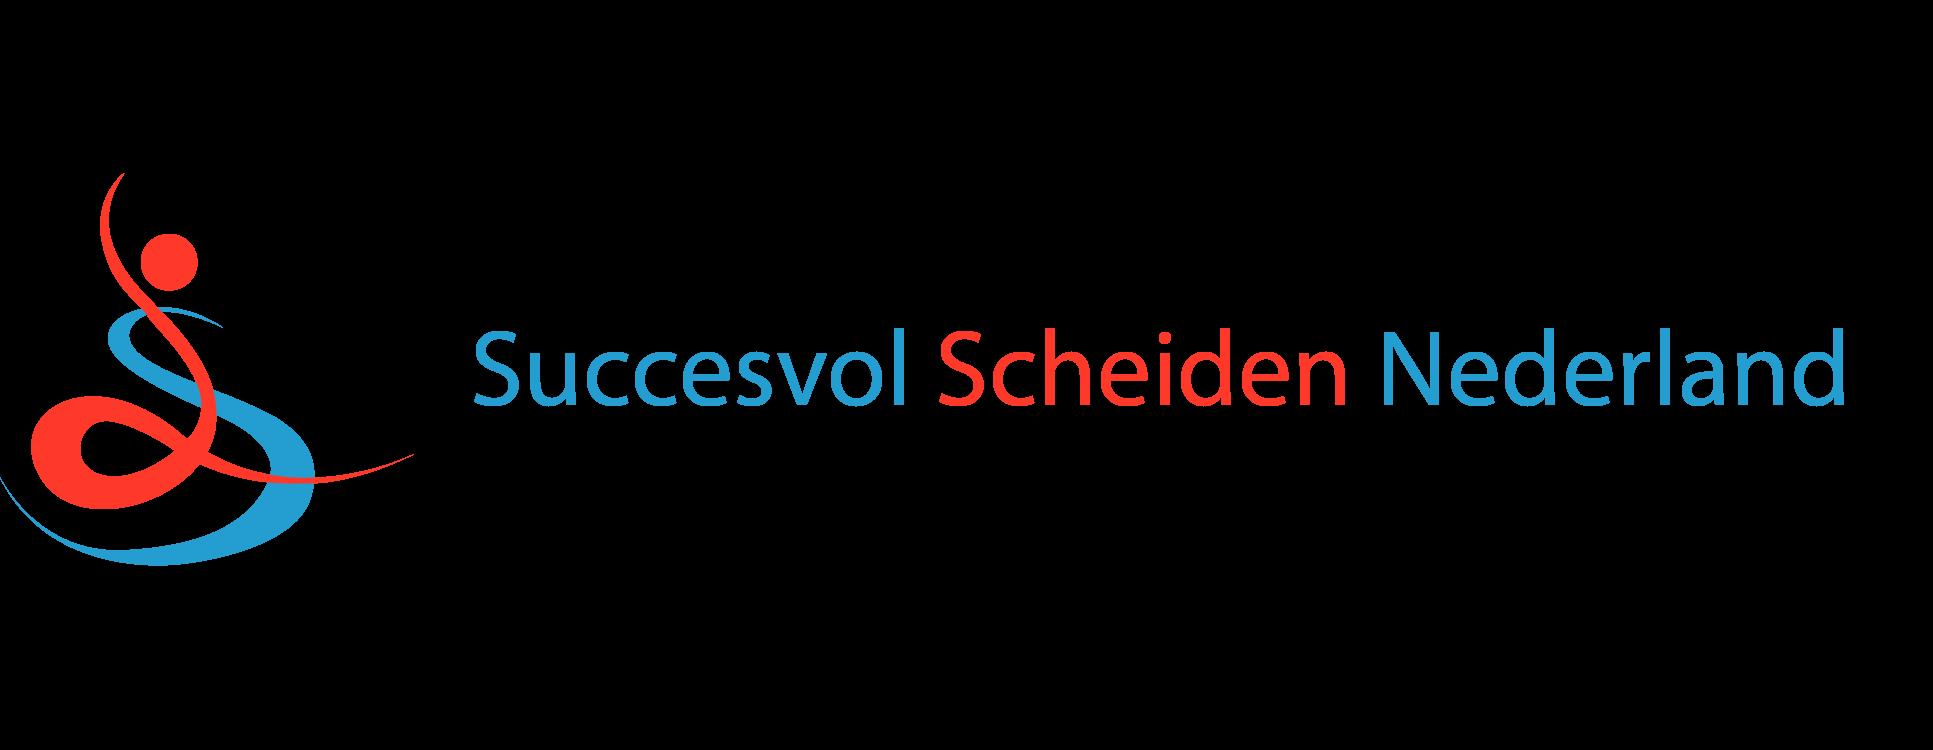 succesvol-scheiden-nederland2